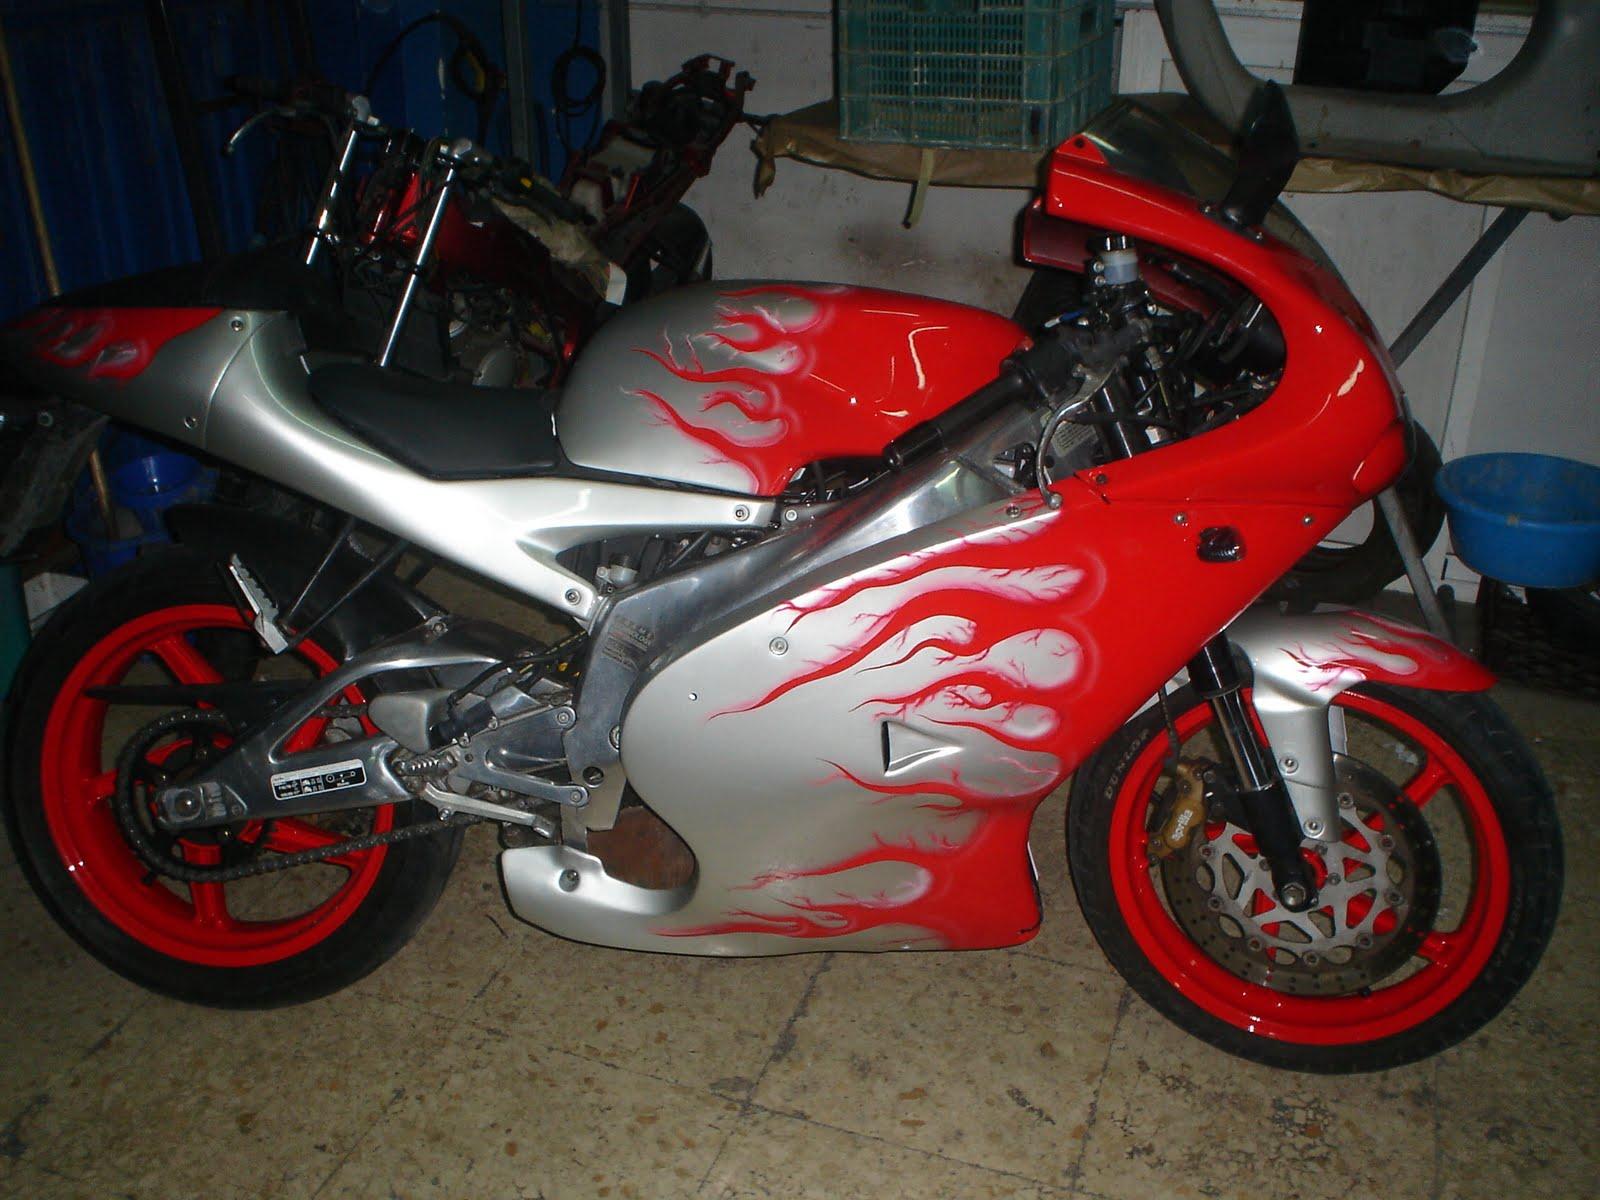 Motos pintura bellota dise os de aerografia for Disenos de motos